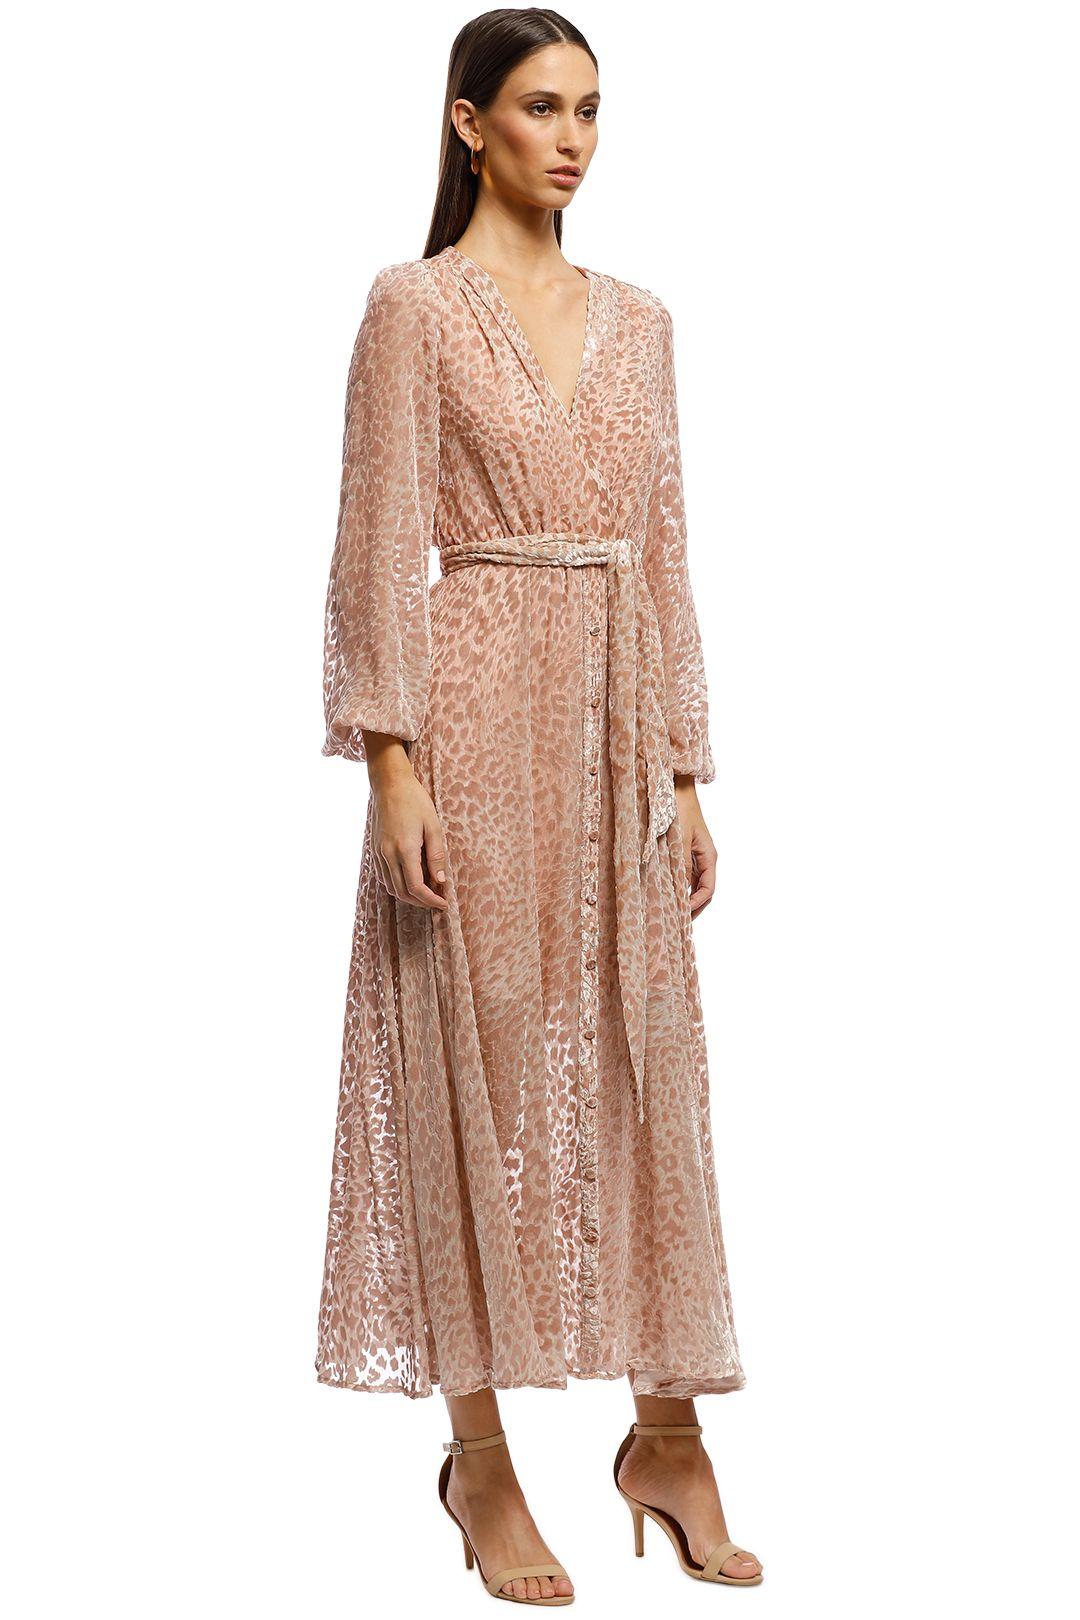 Misha Collection - Kelsie Dress - Leopard - Side